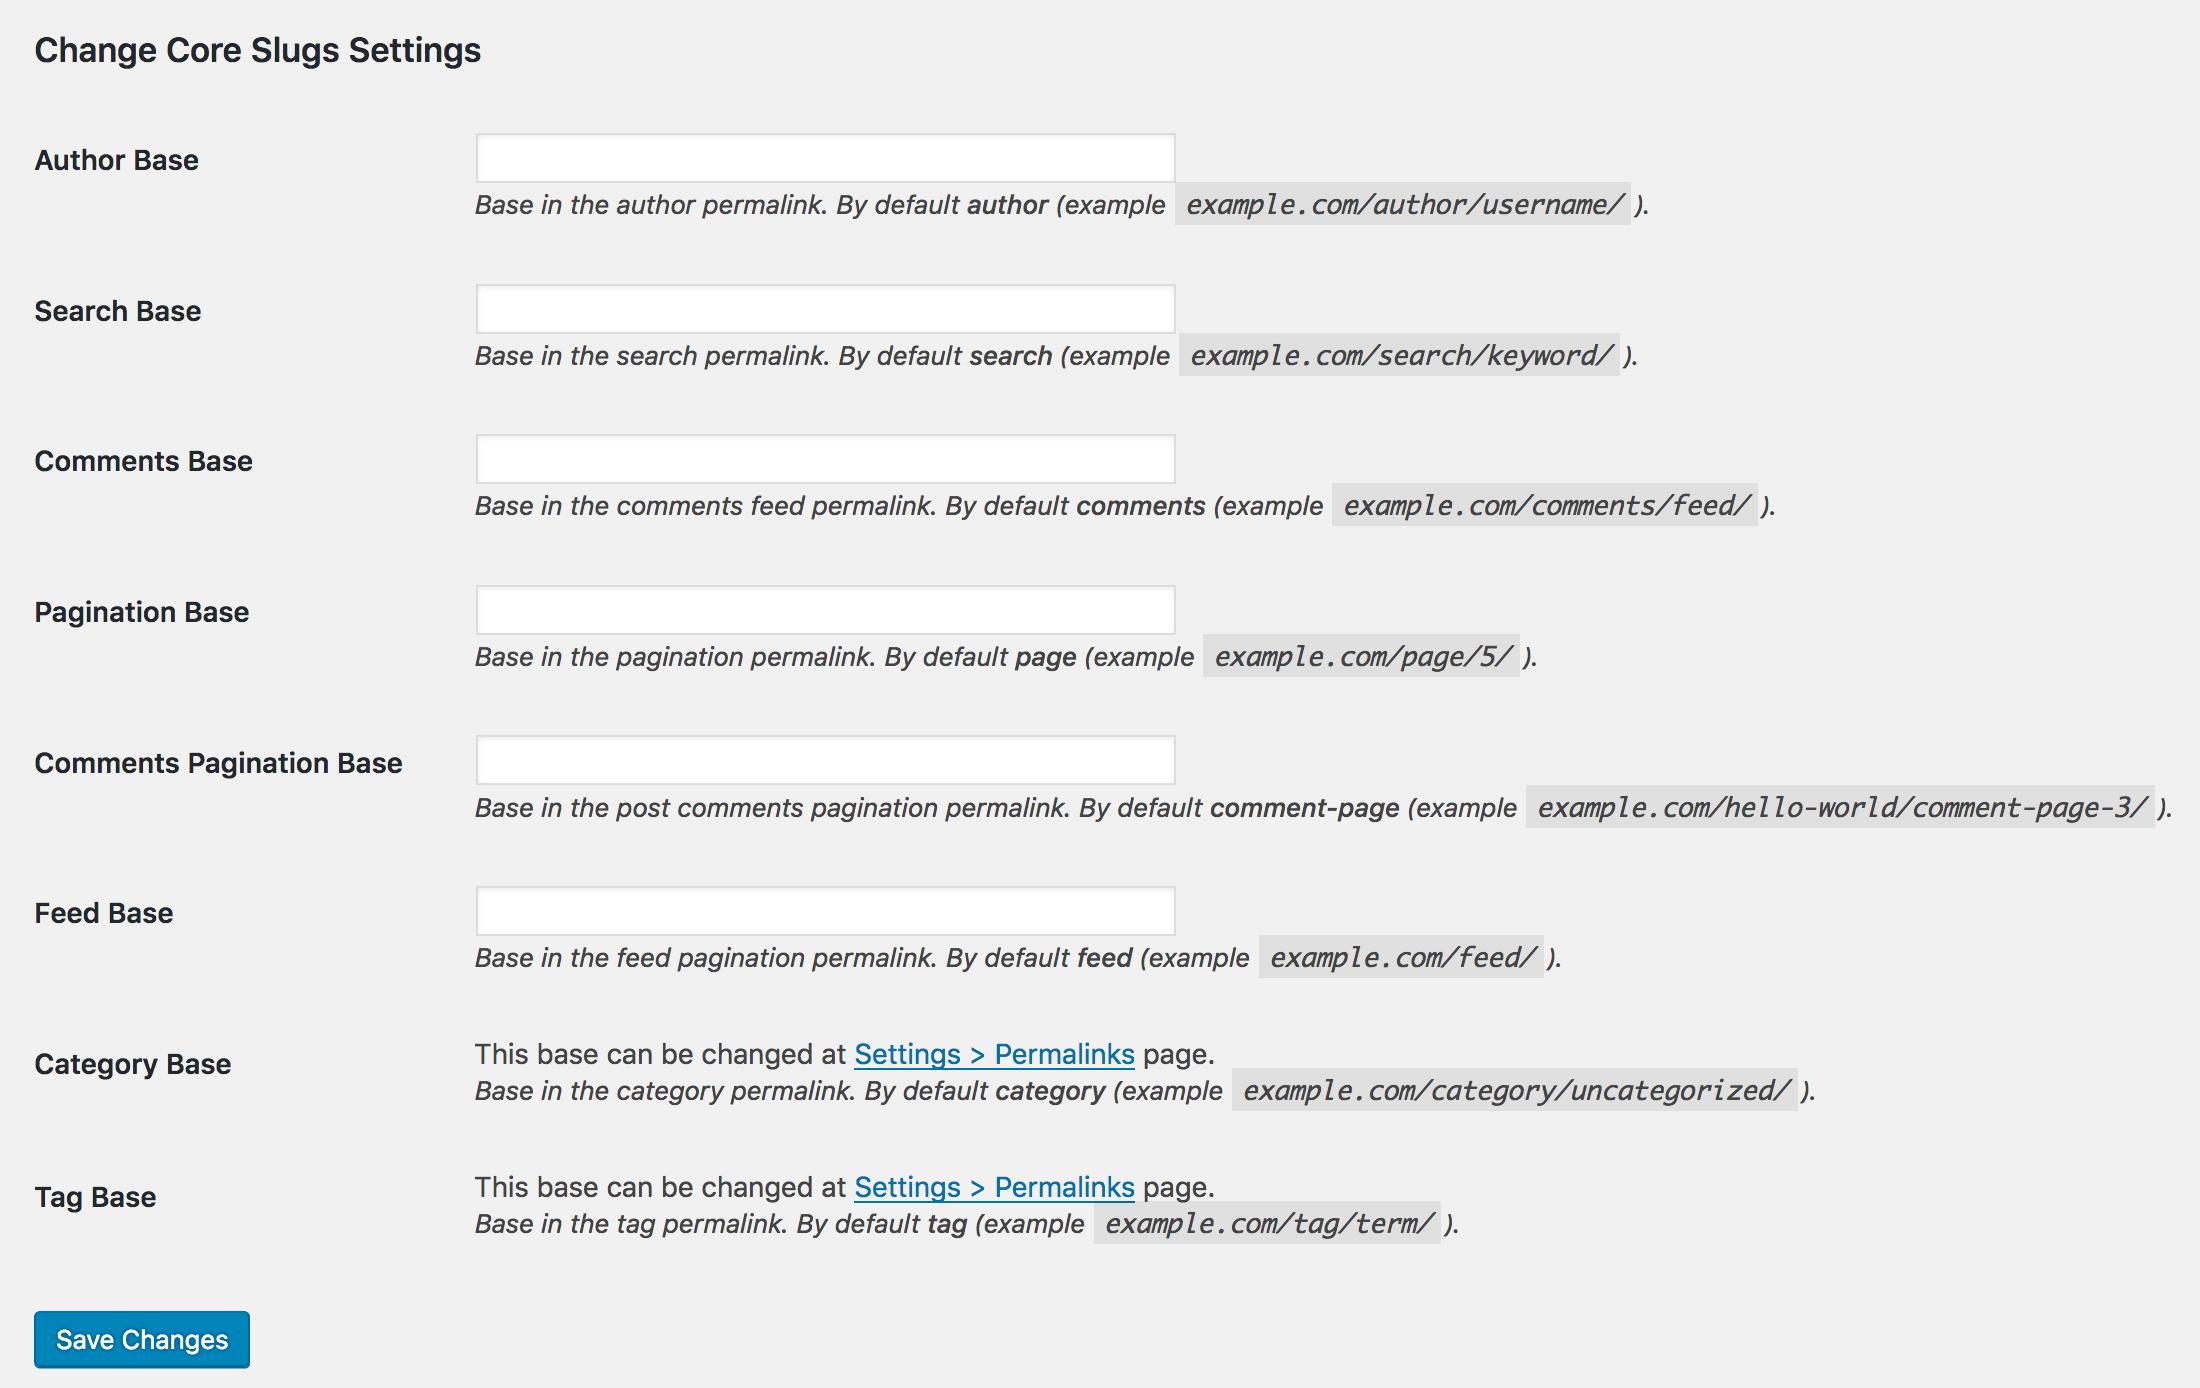 Change Core Slugs settings screen.